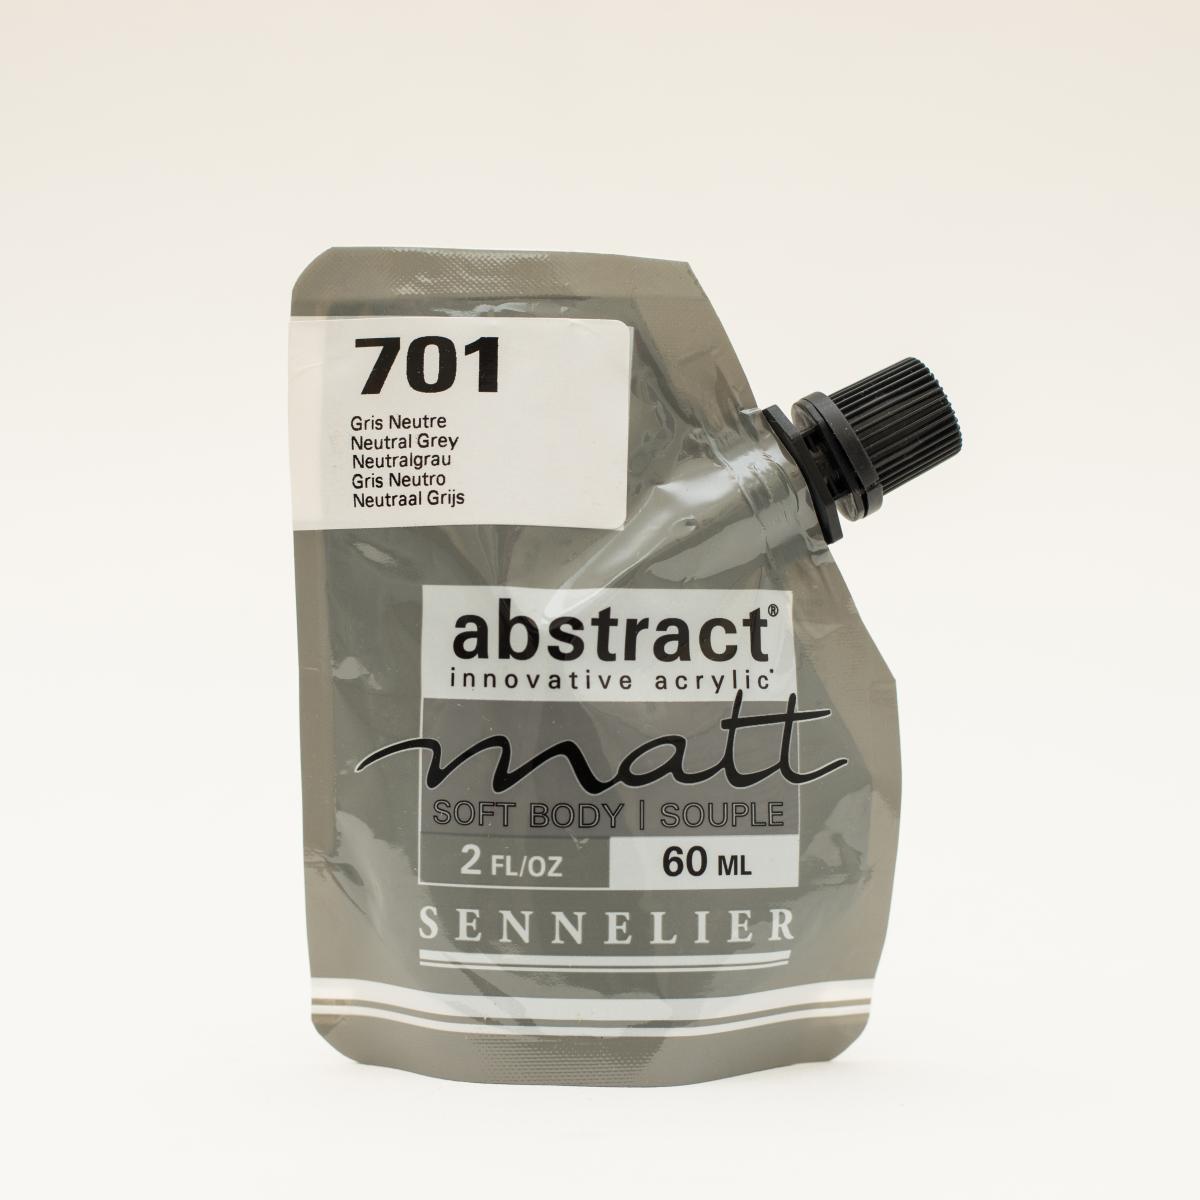 ABSTRACT MATT 701 GRIS NEUTRO